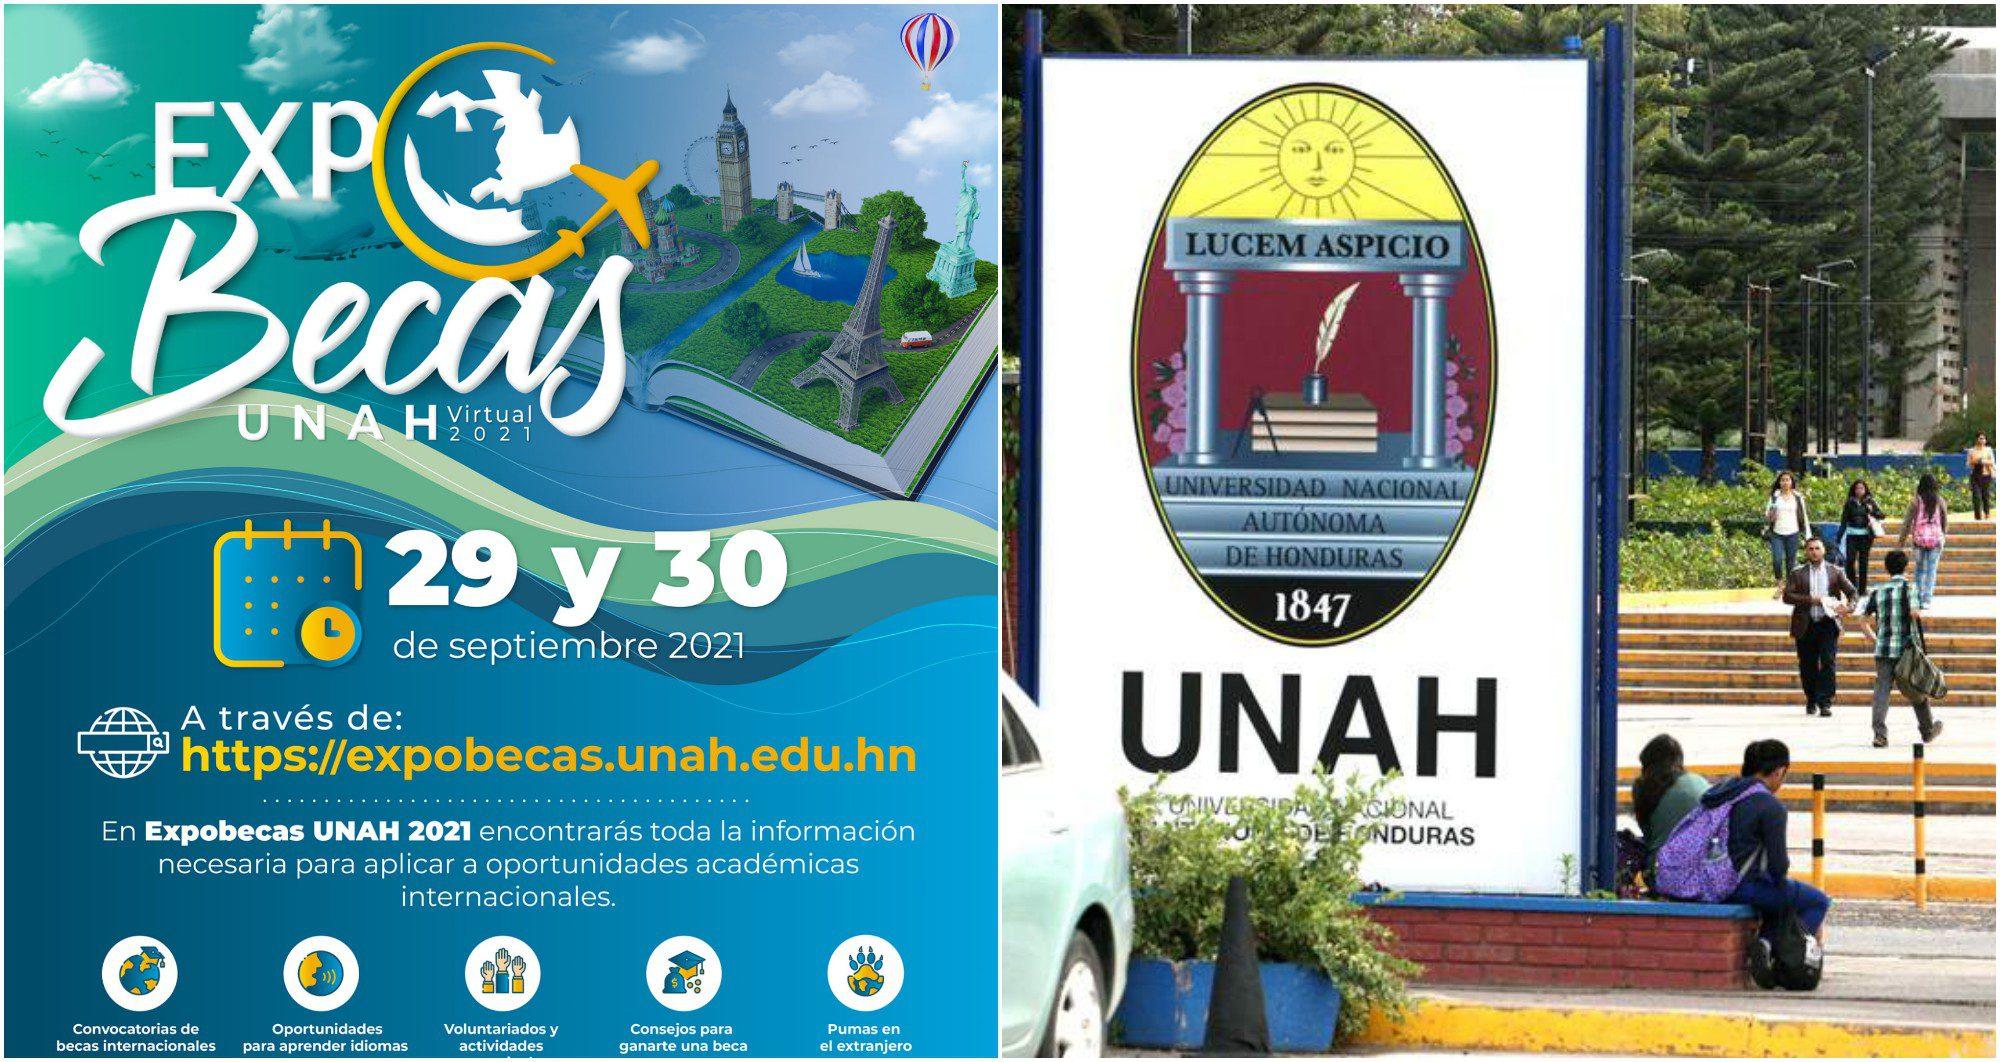 ExpoBecas UNAH 2021 será este 29 y 30 de septiembre